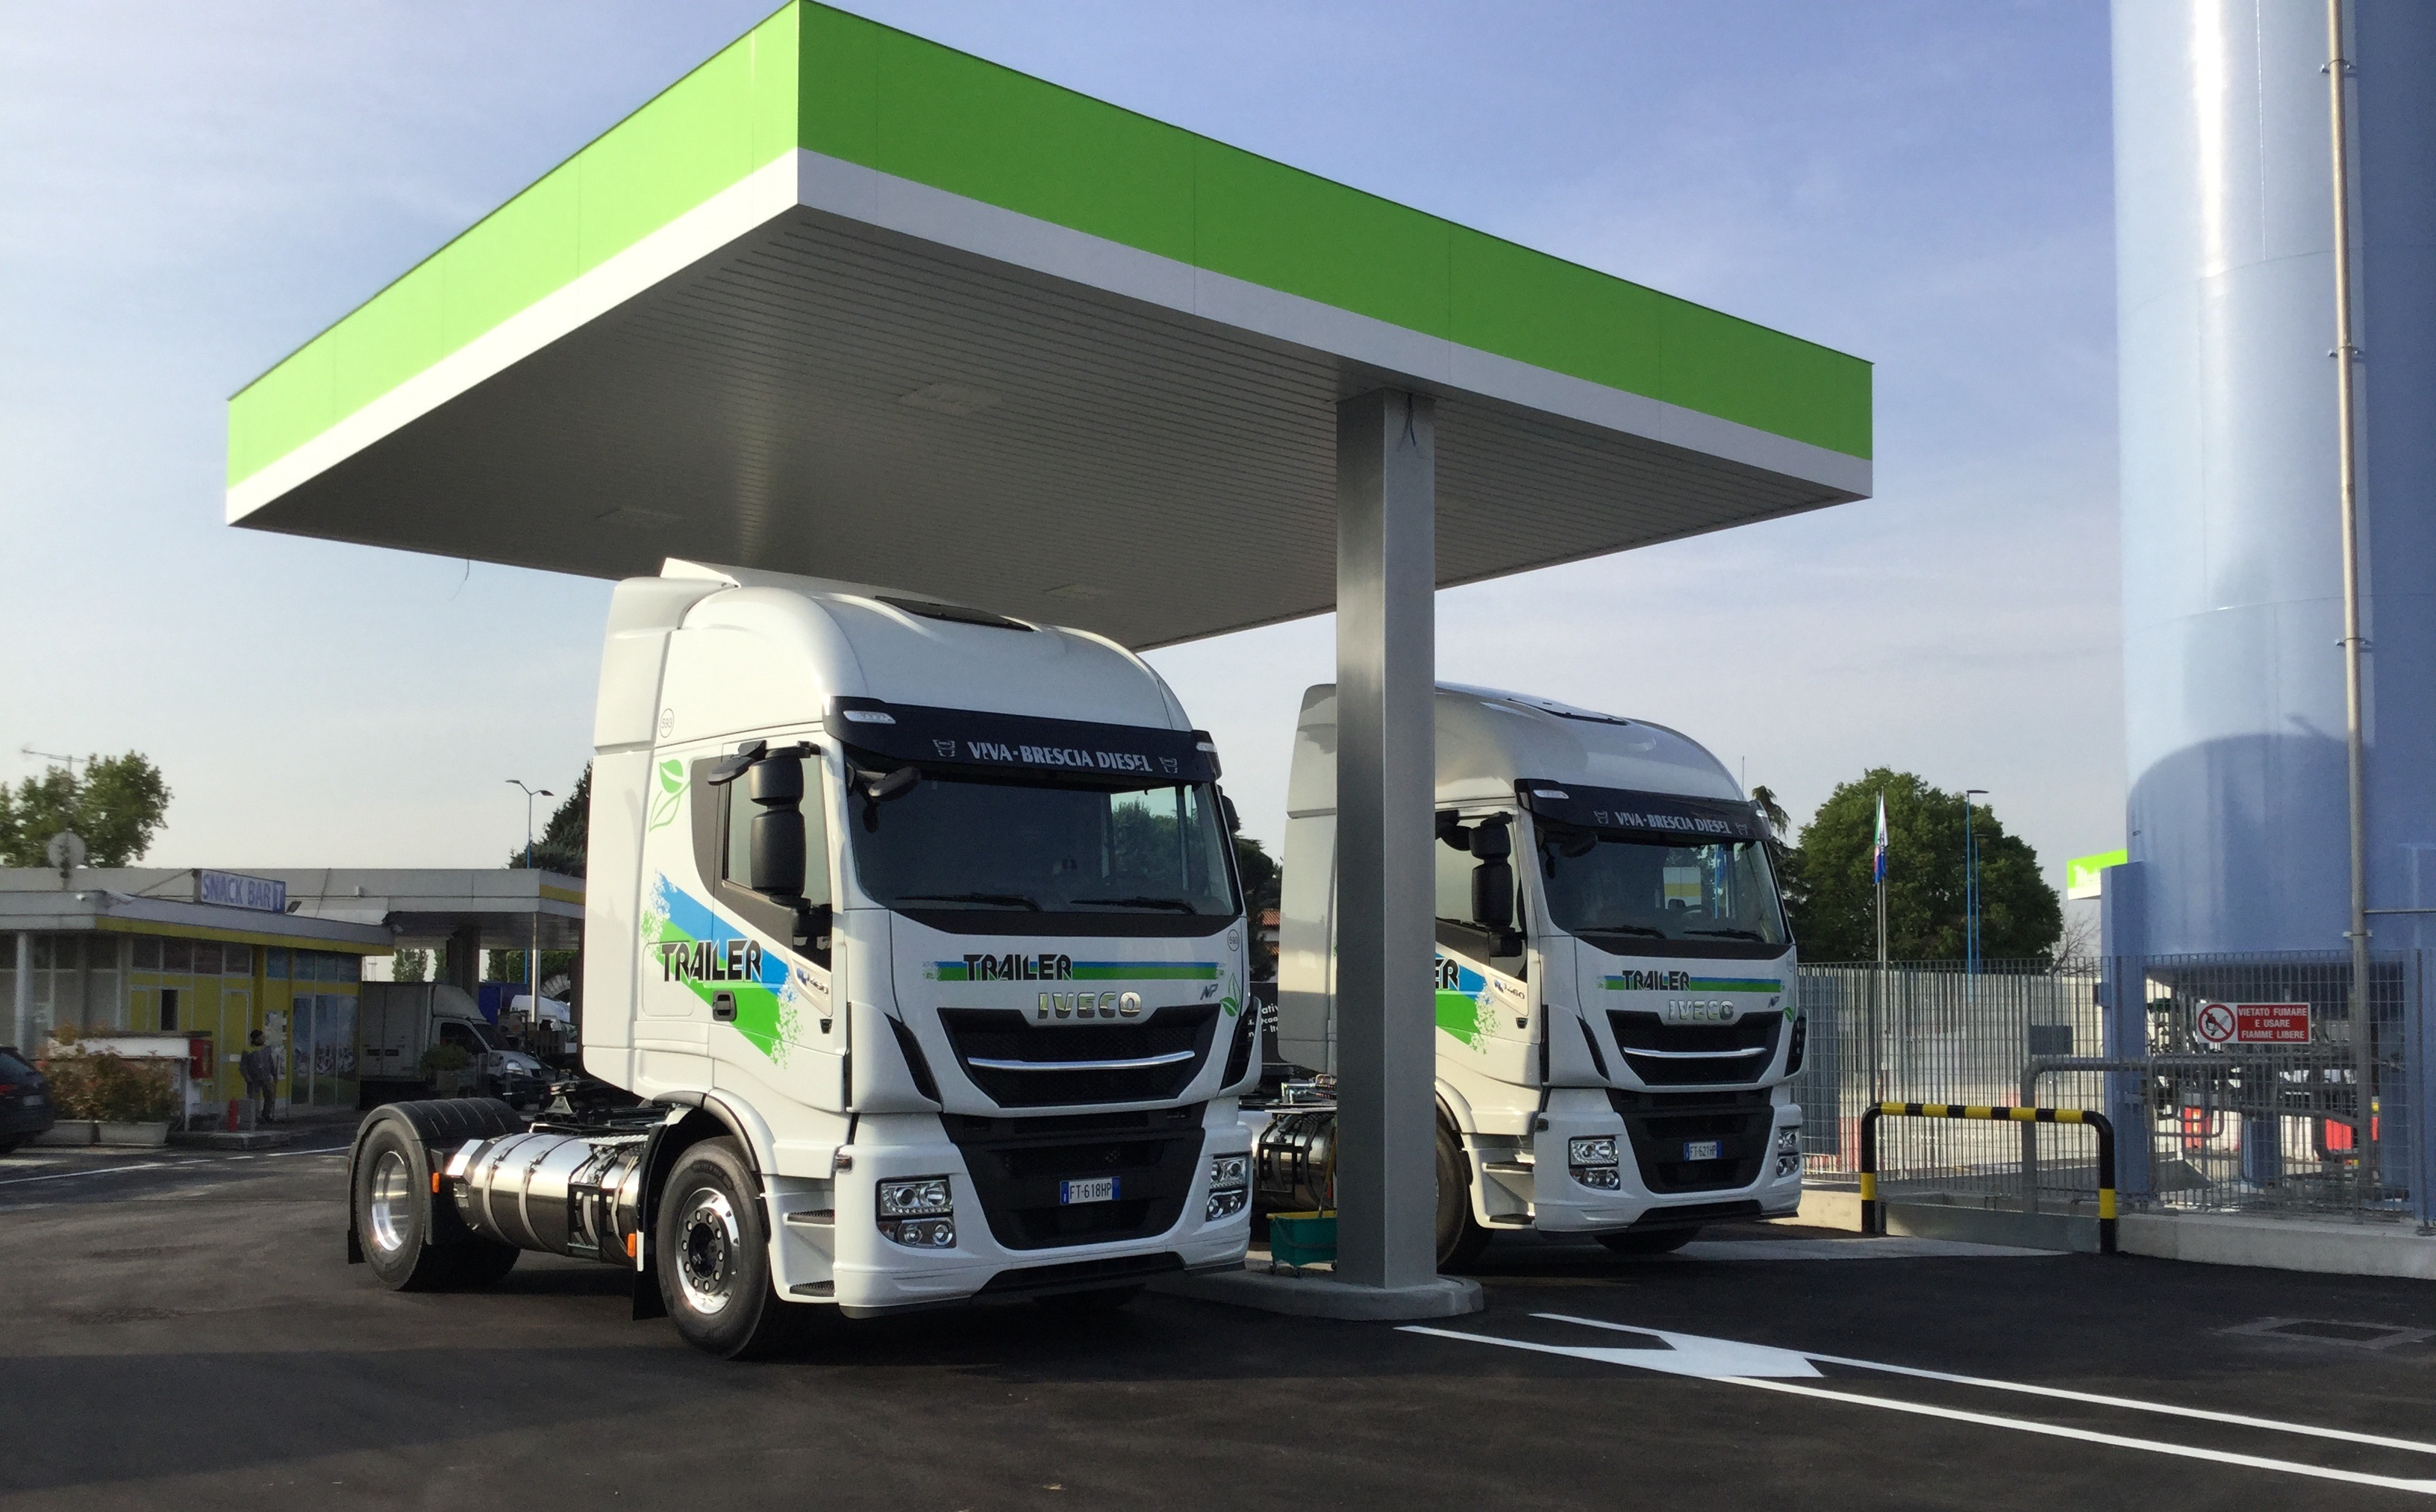 Nuova stazione di rifornimento LNG a Brescia